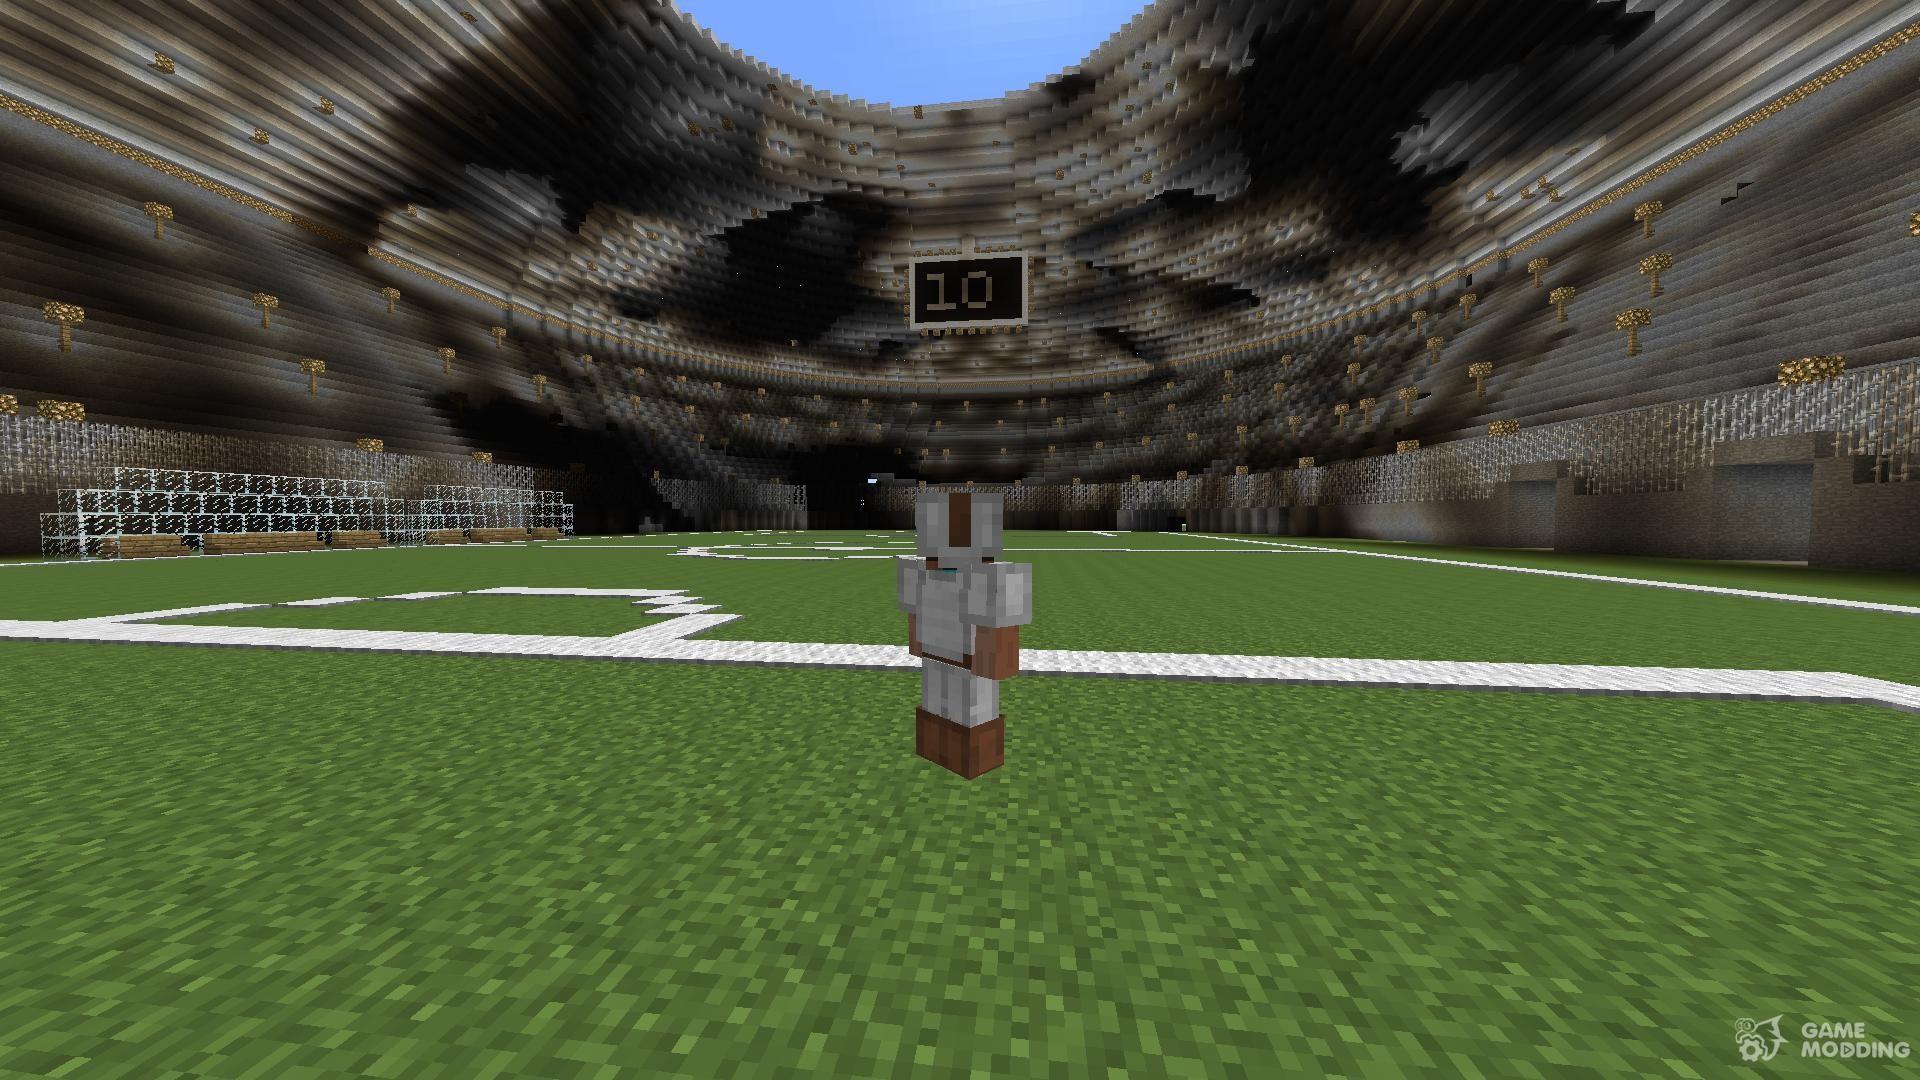 Good Wallpaper Minecraft Soccer - 4d4b47127f178d6cecc23a915f5c858222ddf43d8d43f6e72759a9fb8c959523  Image_244862.jpg